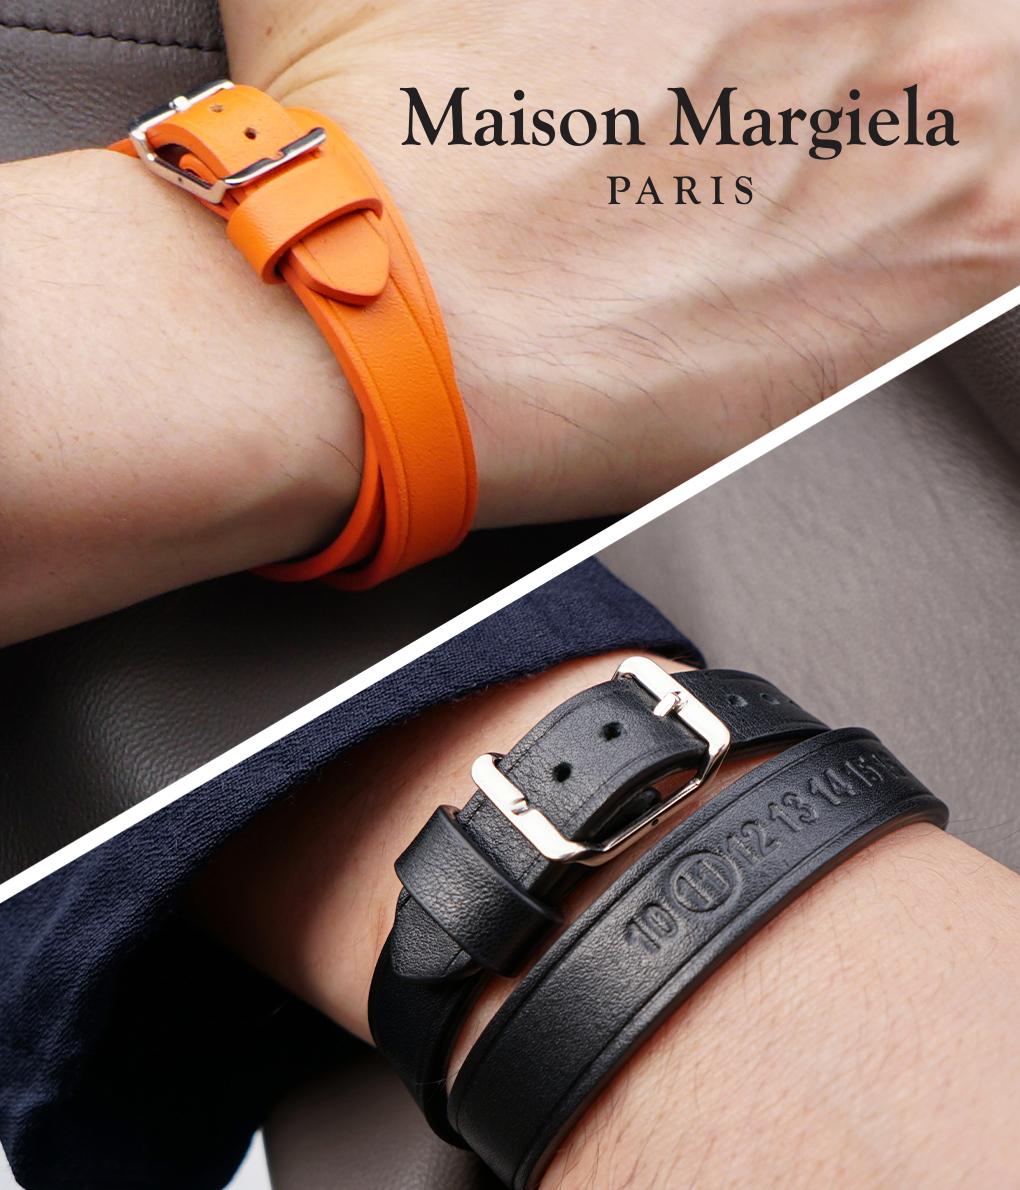 Maison Margiela / メゾン マルジェラ : LEATHER BRACELET / 全2色 : メゾン マルジェラ レザー ブレスレット アクセサリー 小物 メンズ : S50UY0029 【RIP】